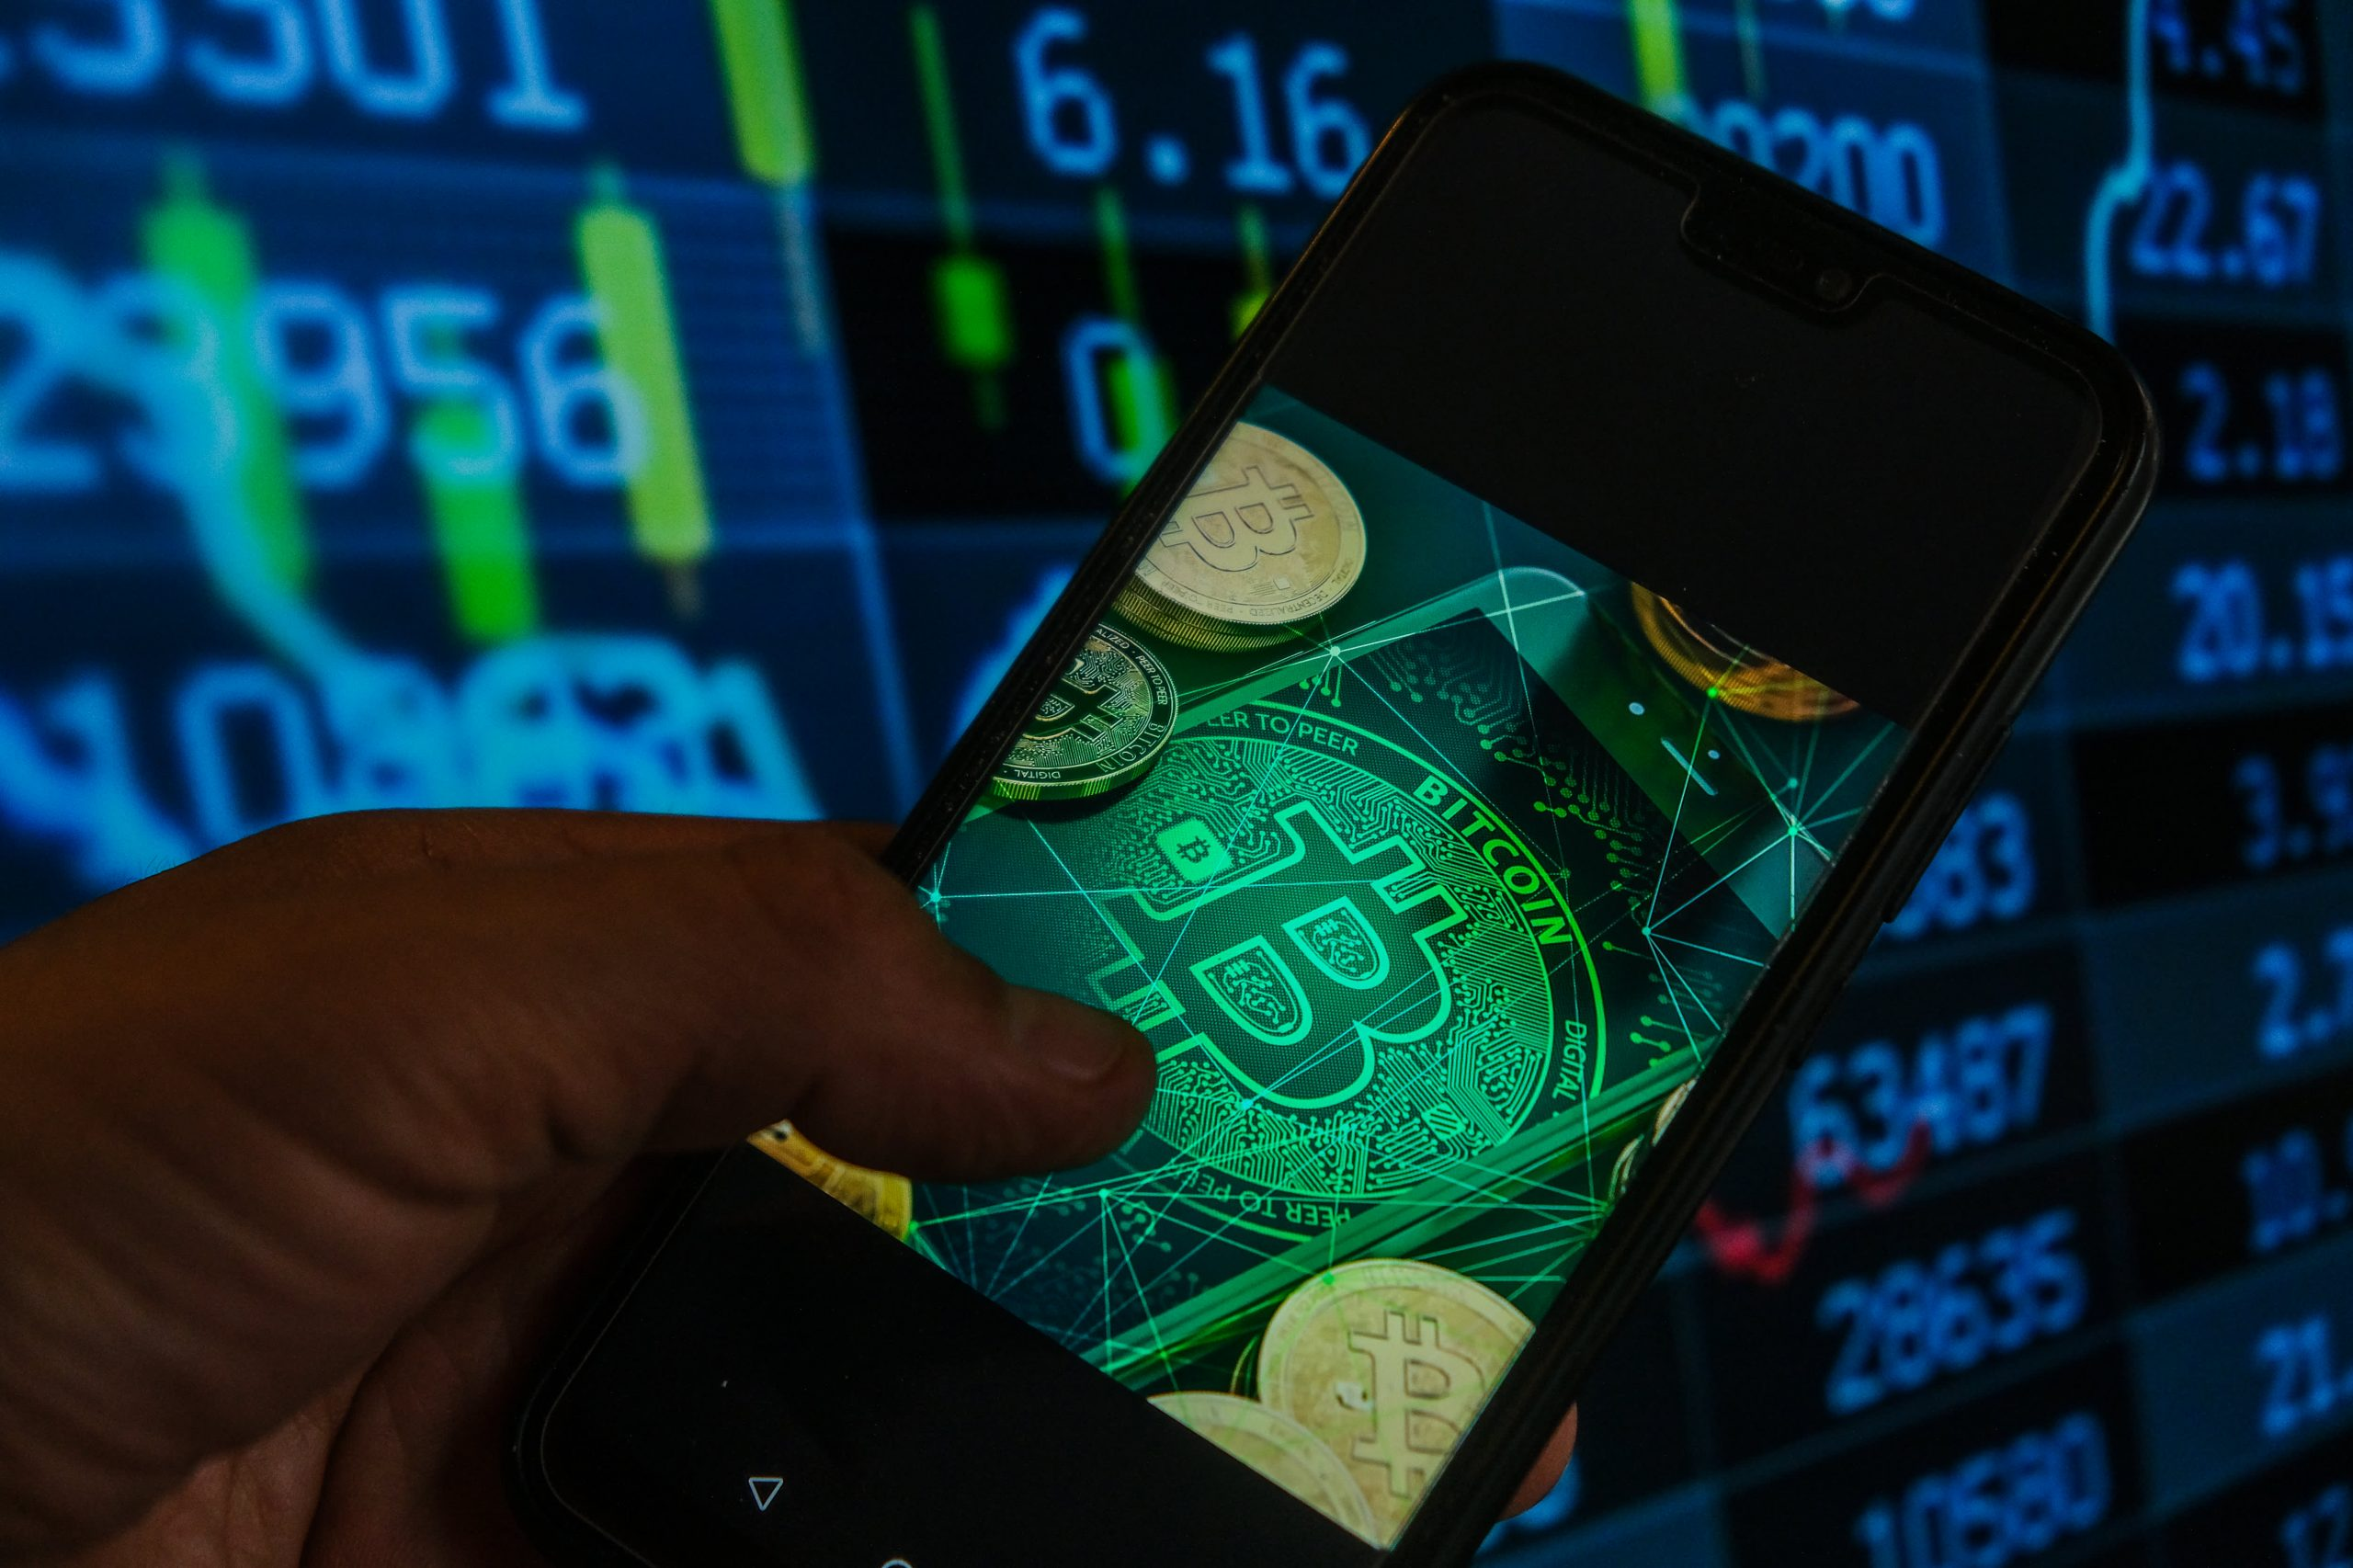 Investors want a bitcoin ETF, Van Eck CEO says after SEC delays again